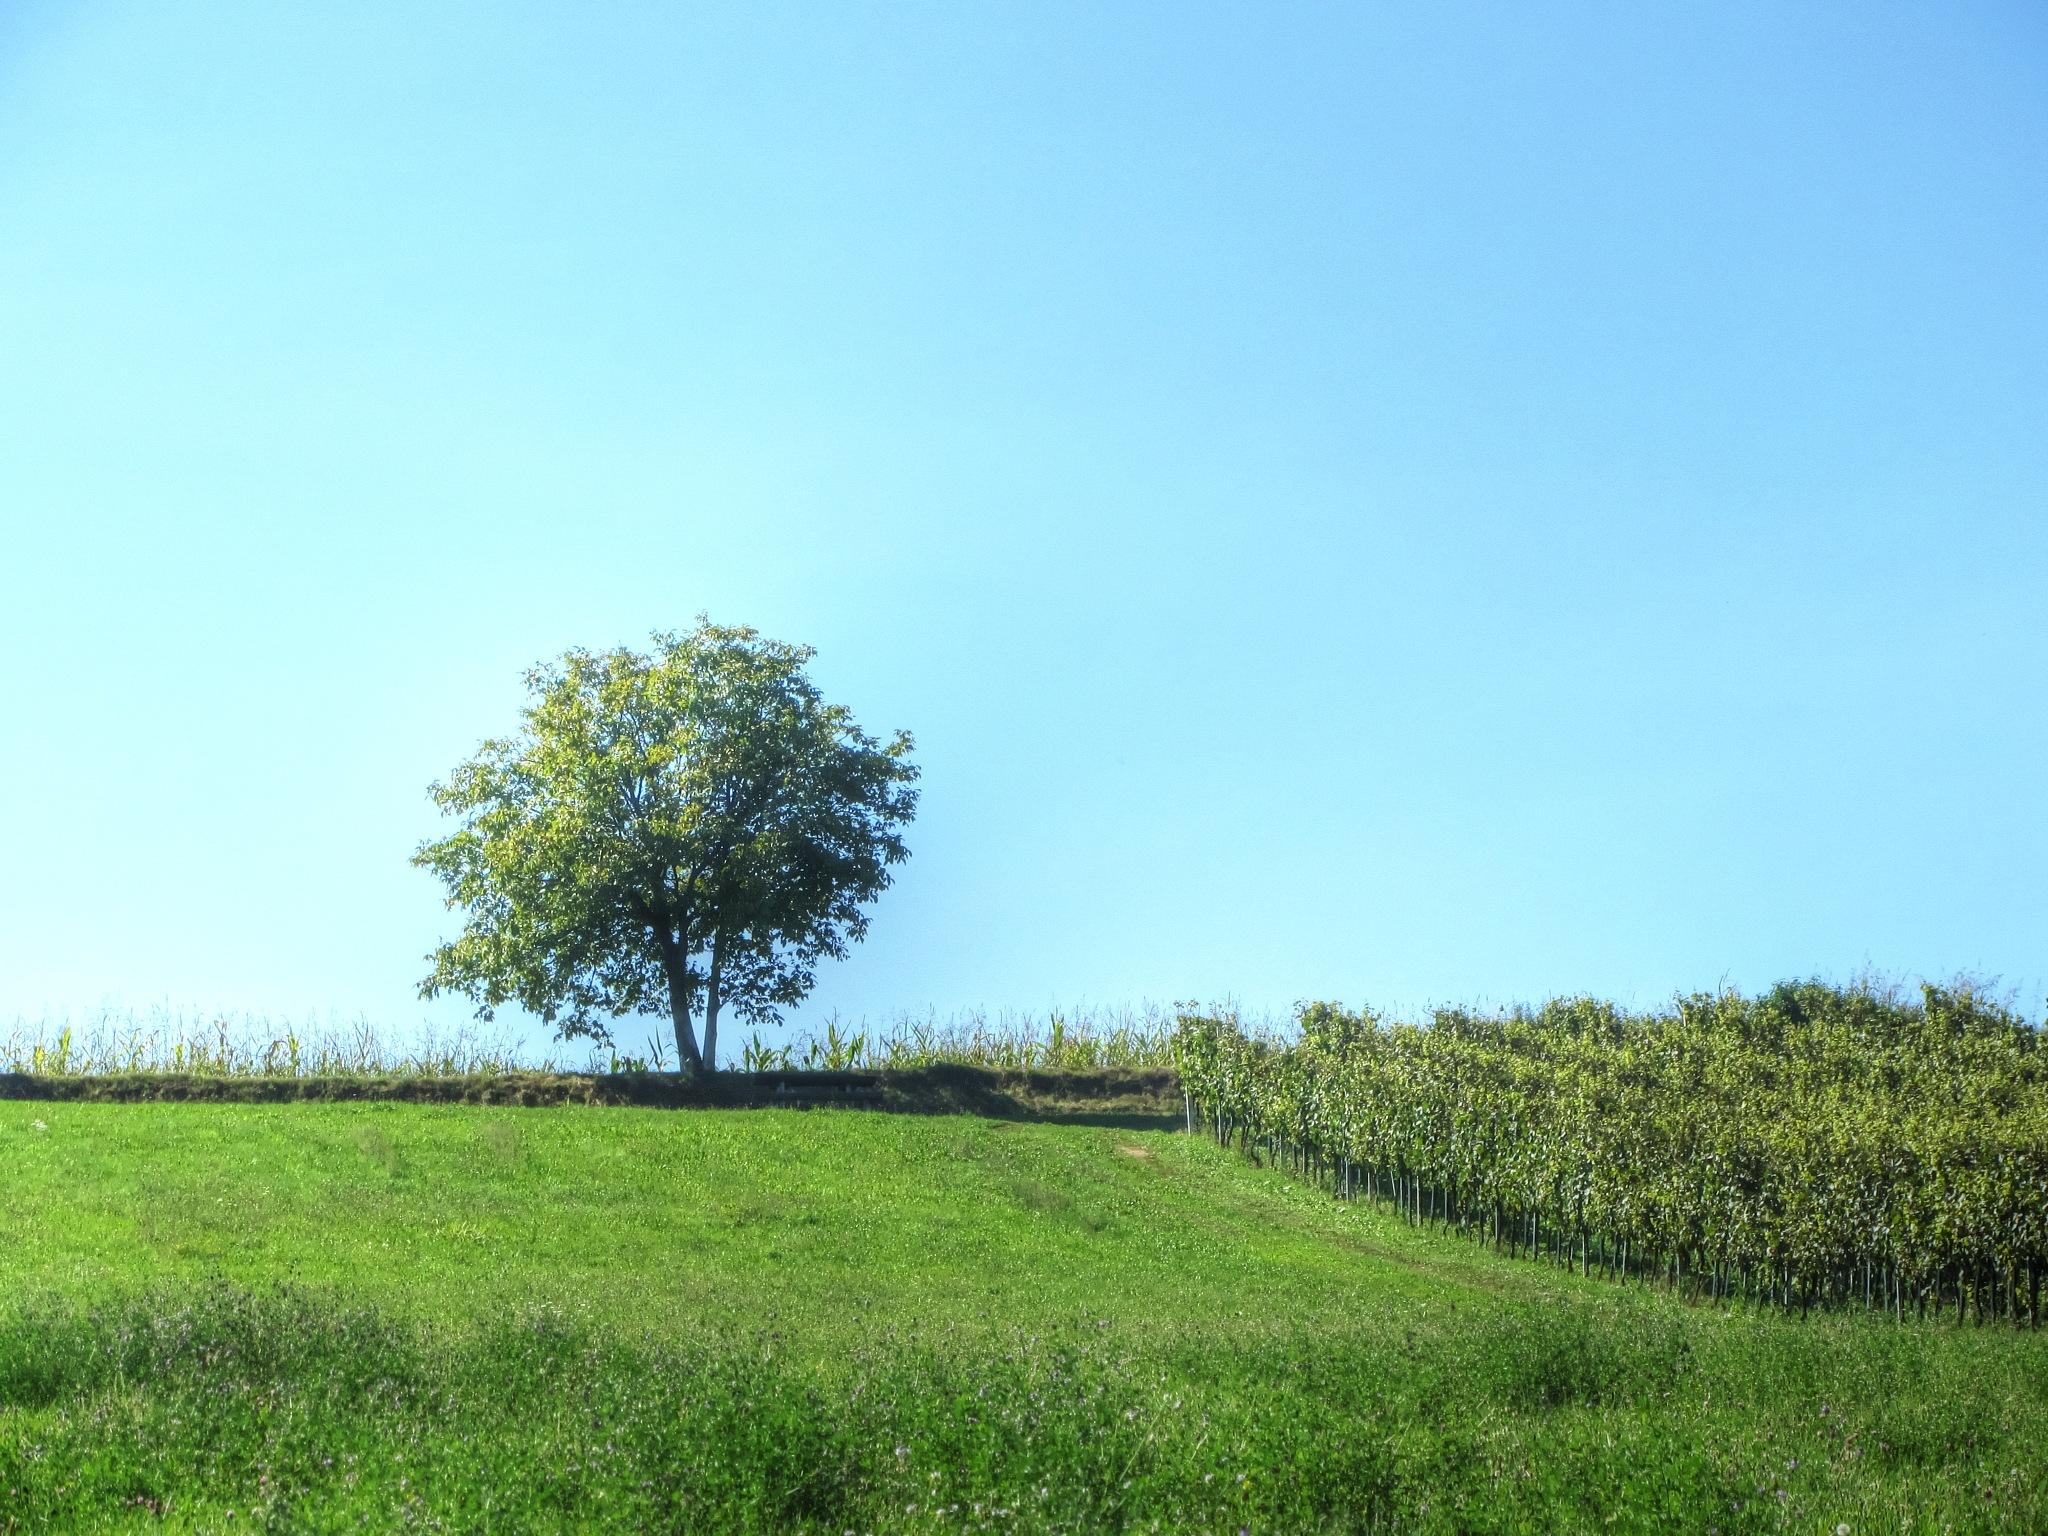 Vineyard by Javorka